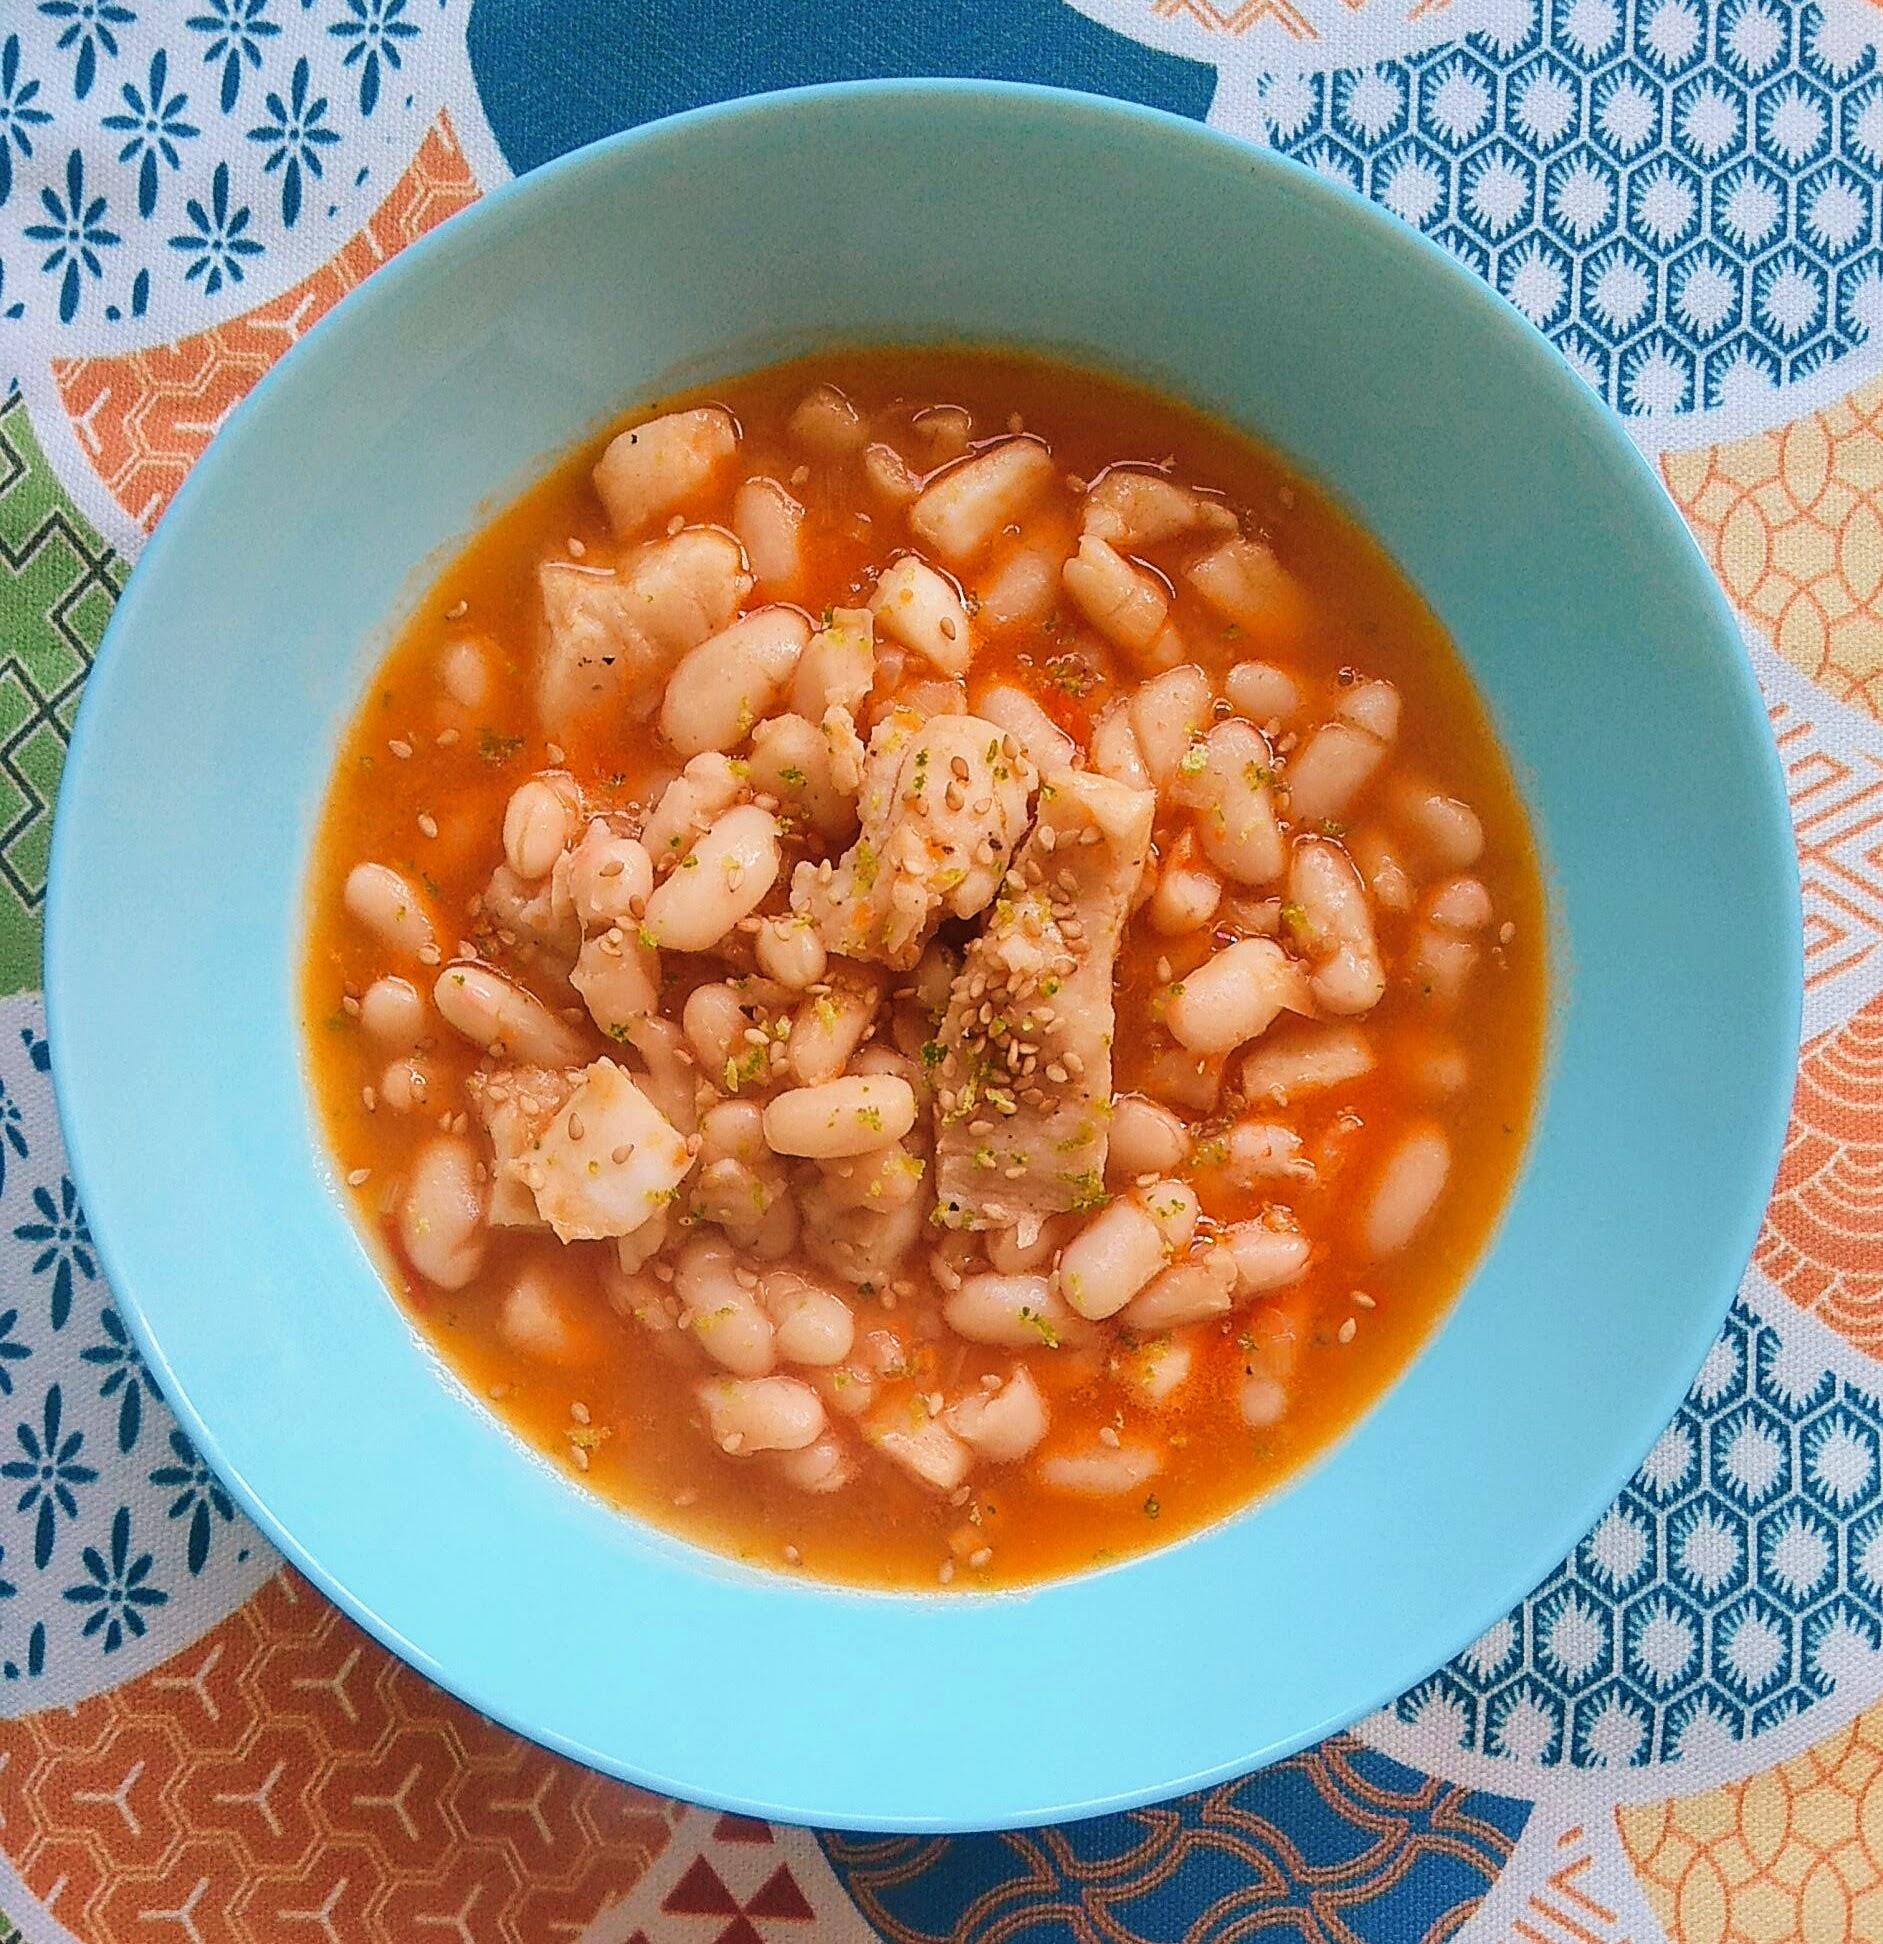 Receta de Alubias guisadas con pescado (estilo asiático). Descúbrela en: www.cocinandoconlola.com